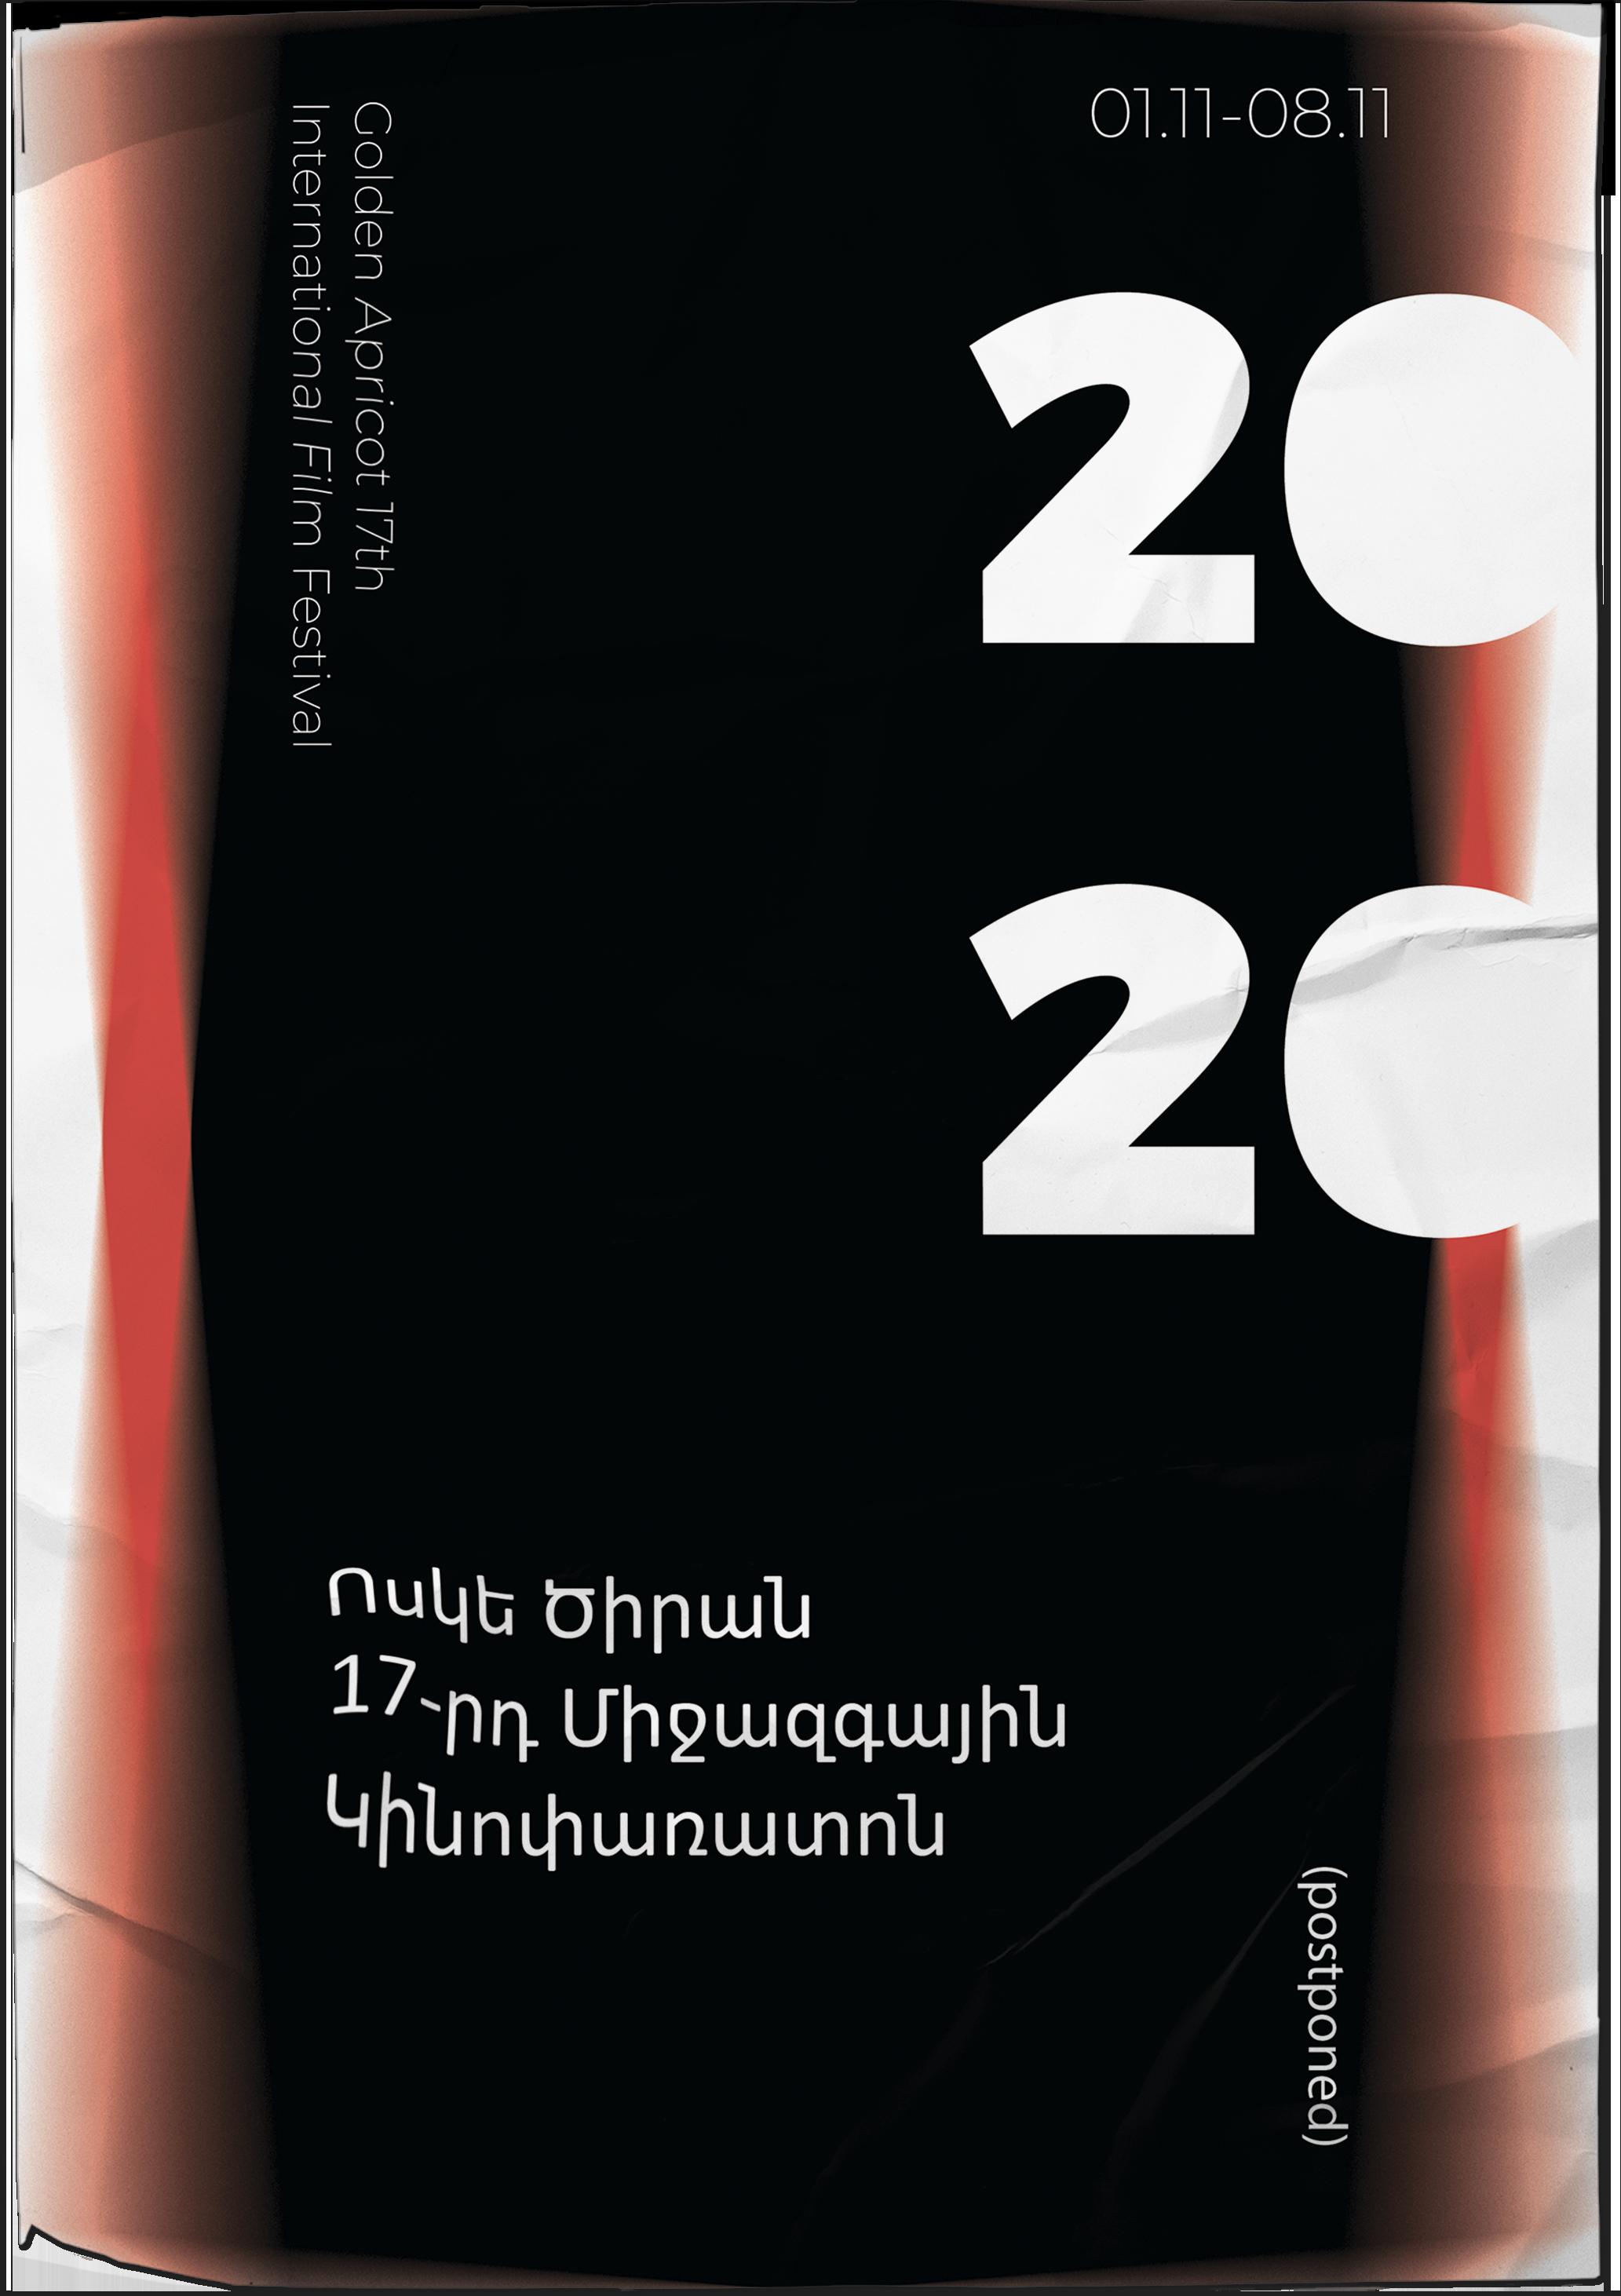 5015 - Թումո ստուդիաների բացման ցուցահանդեսը